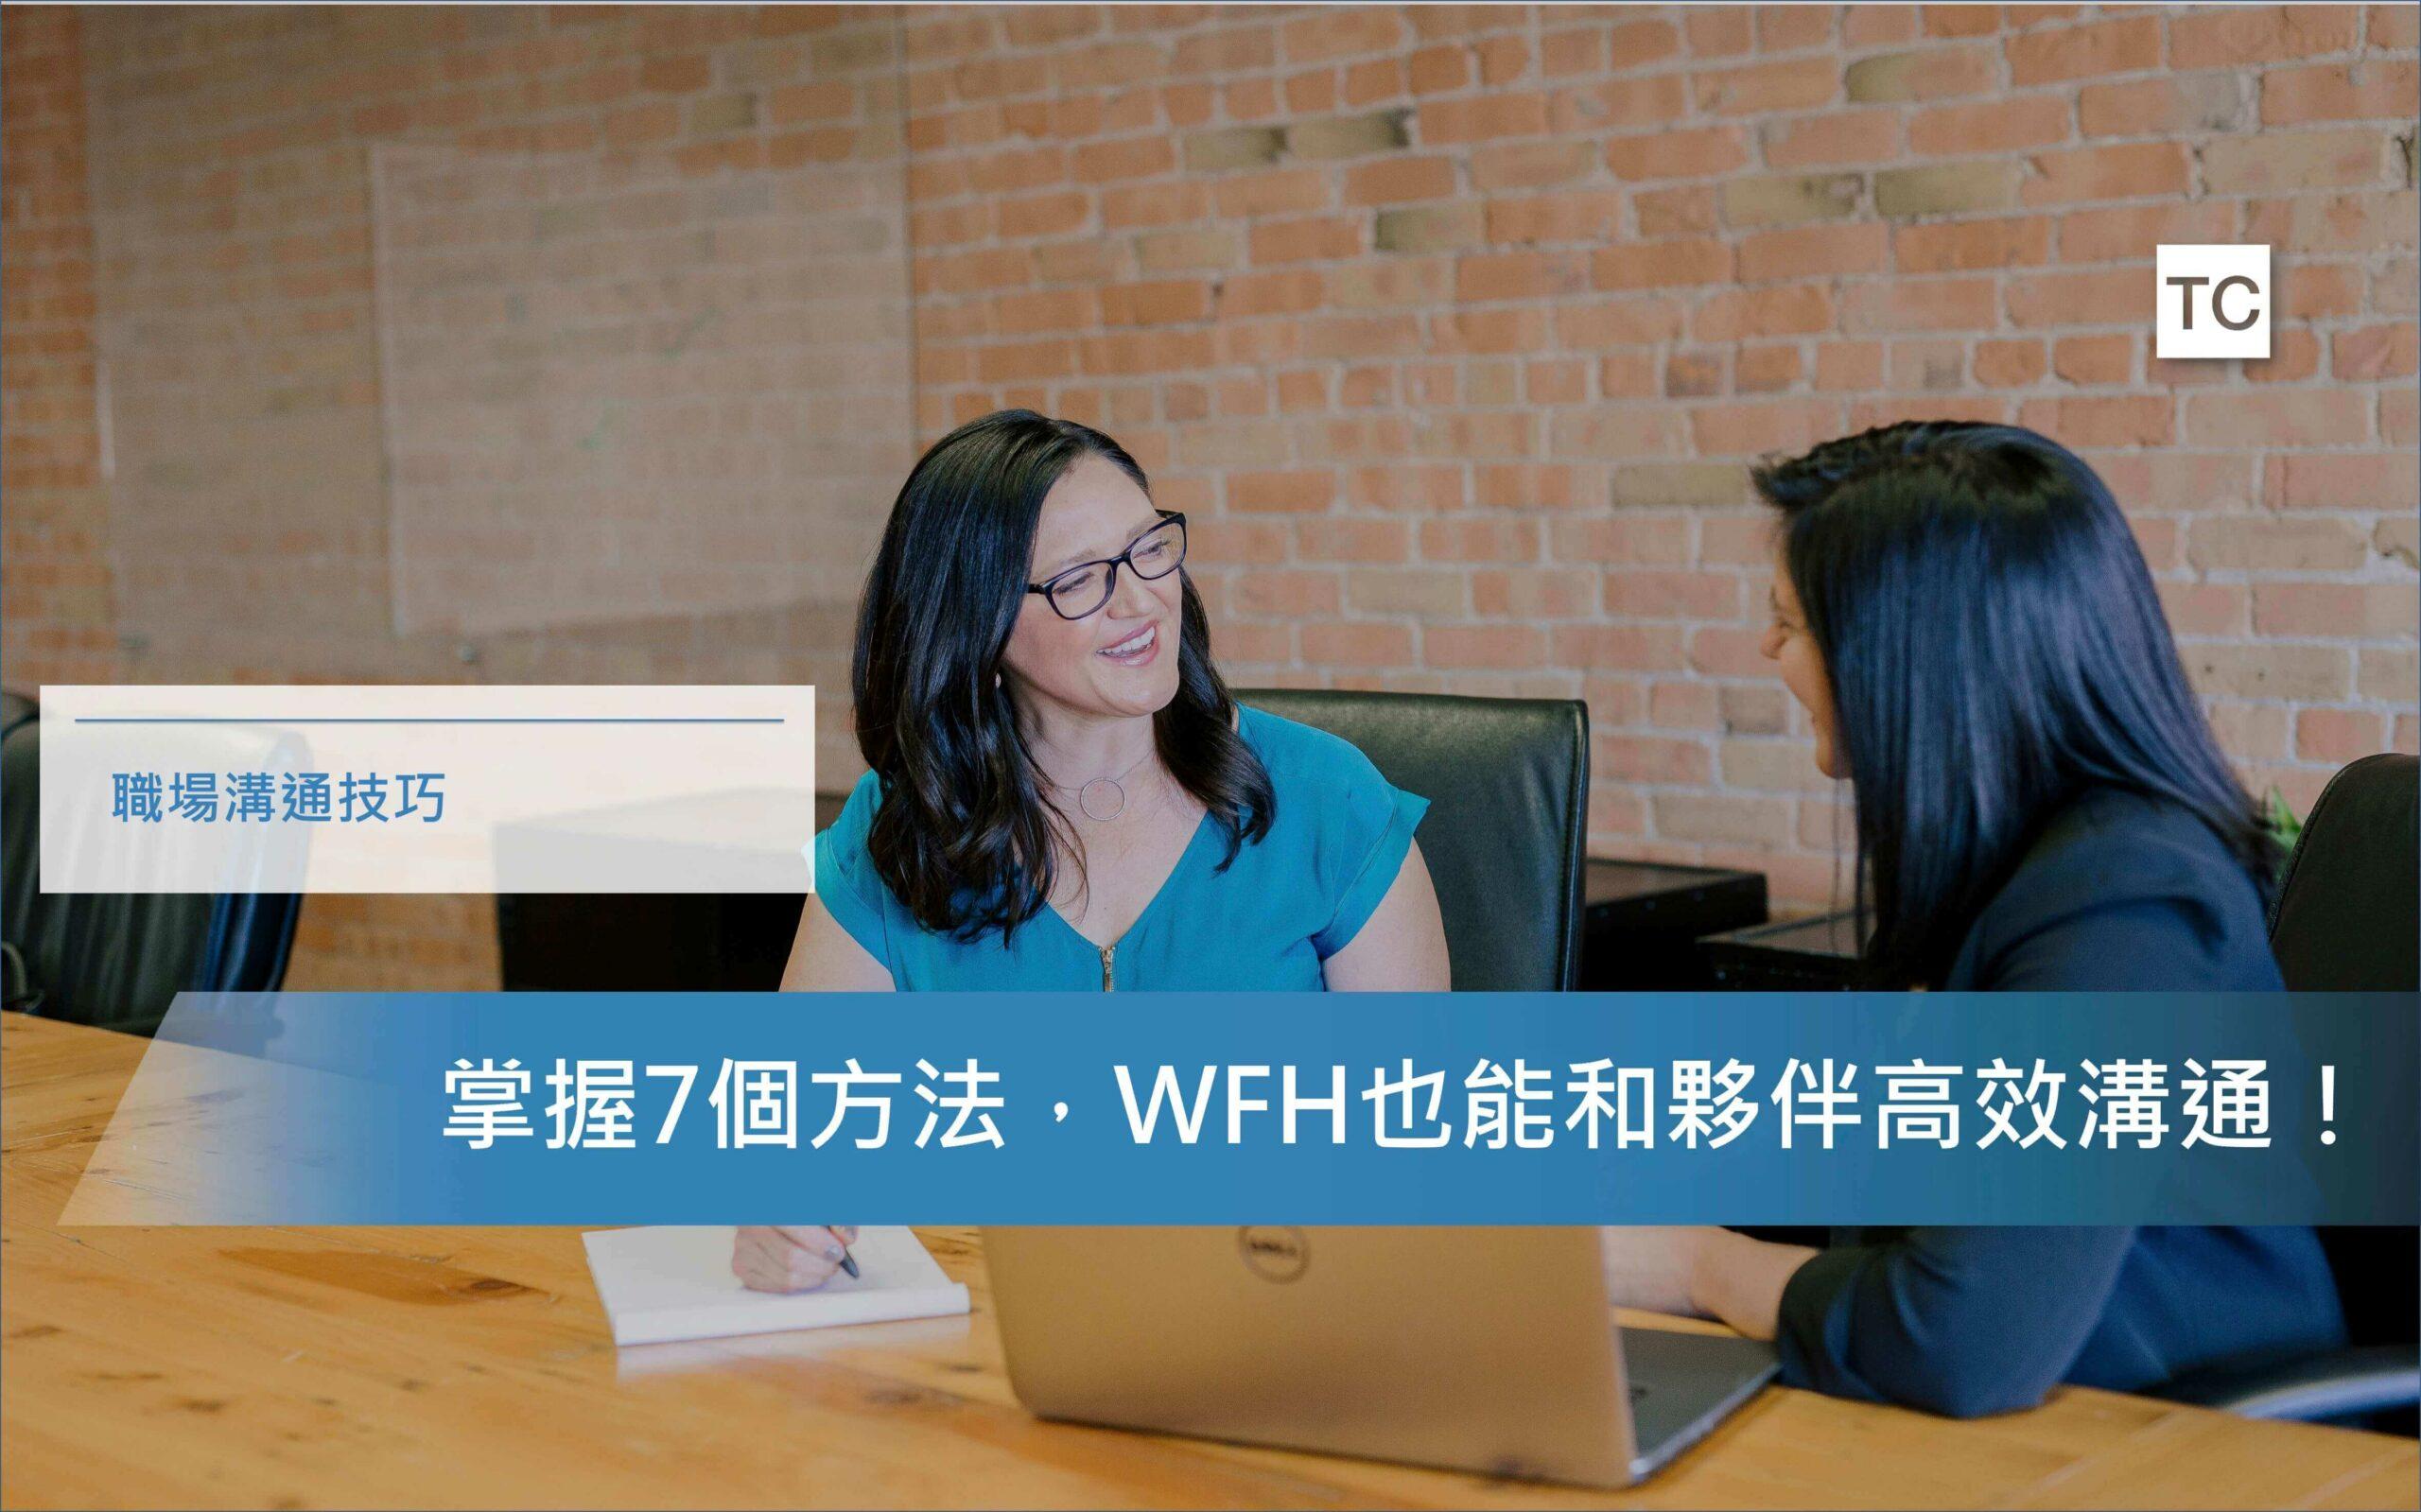 高效溝通方法 掌握7招溝通方法,WFH也能與同事有效溝通